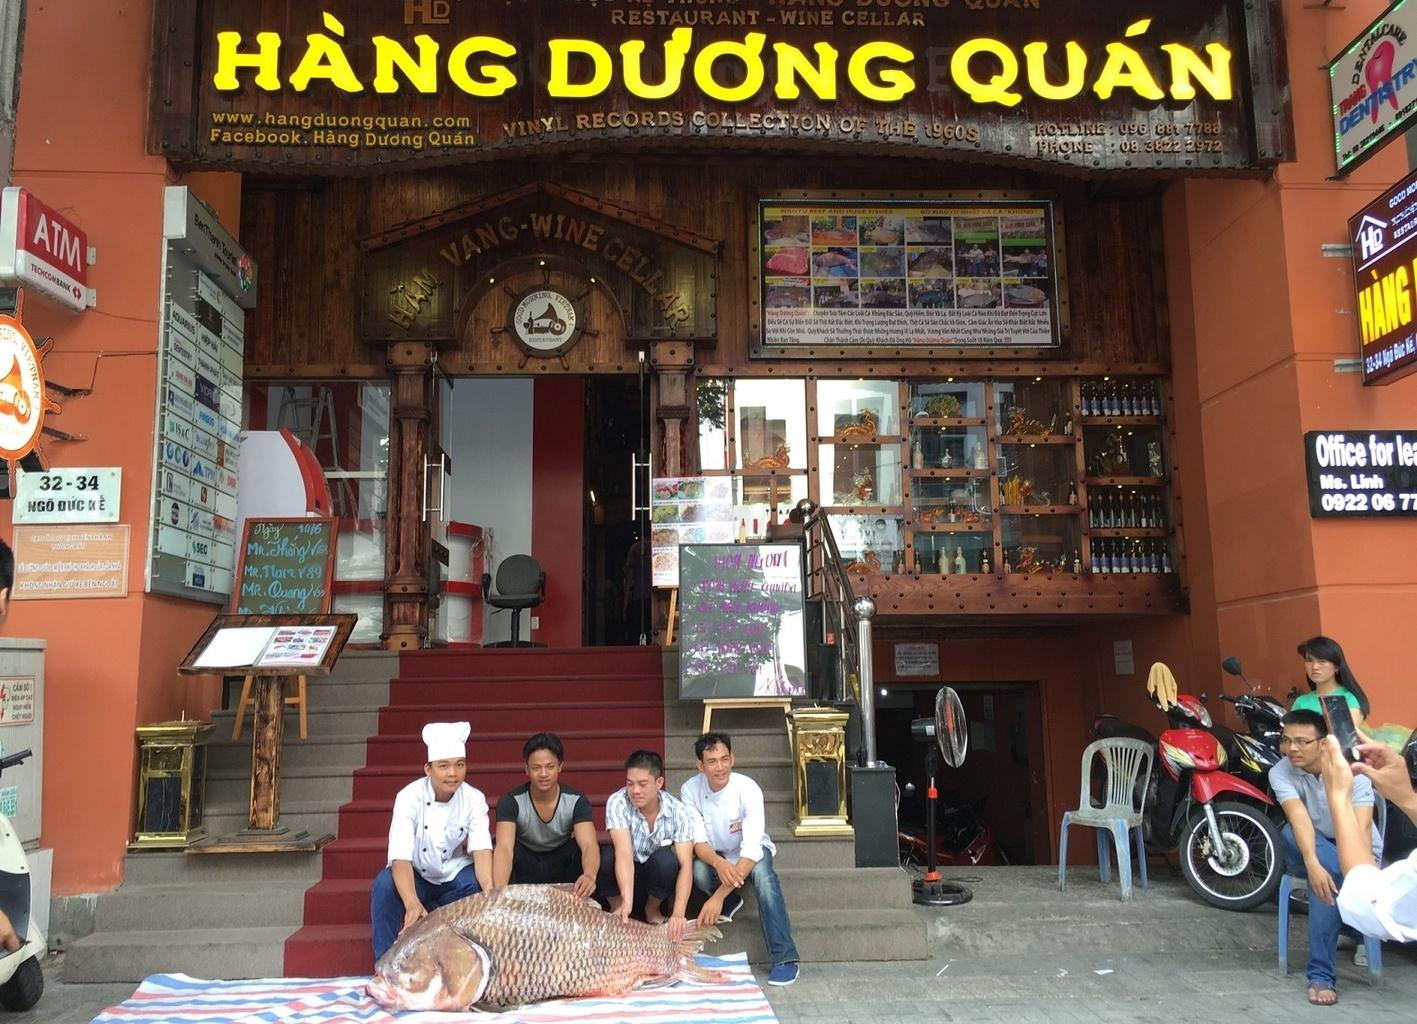 Restaurace Hàng Dương Quán v Saigonu